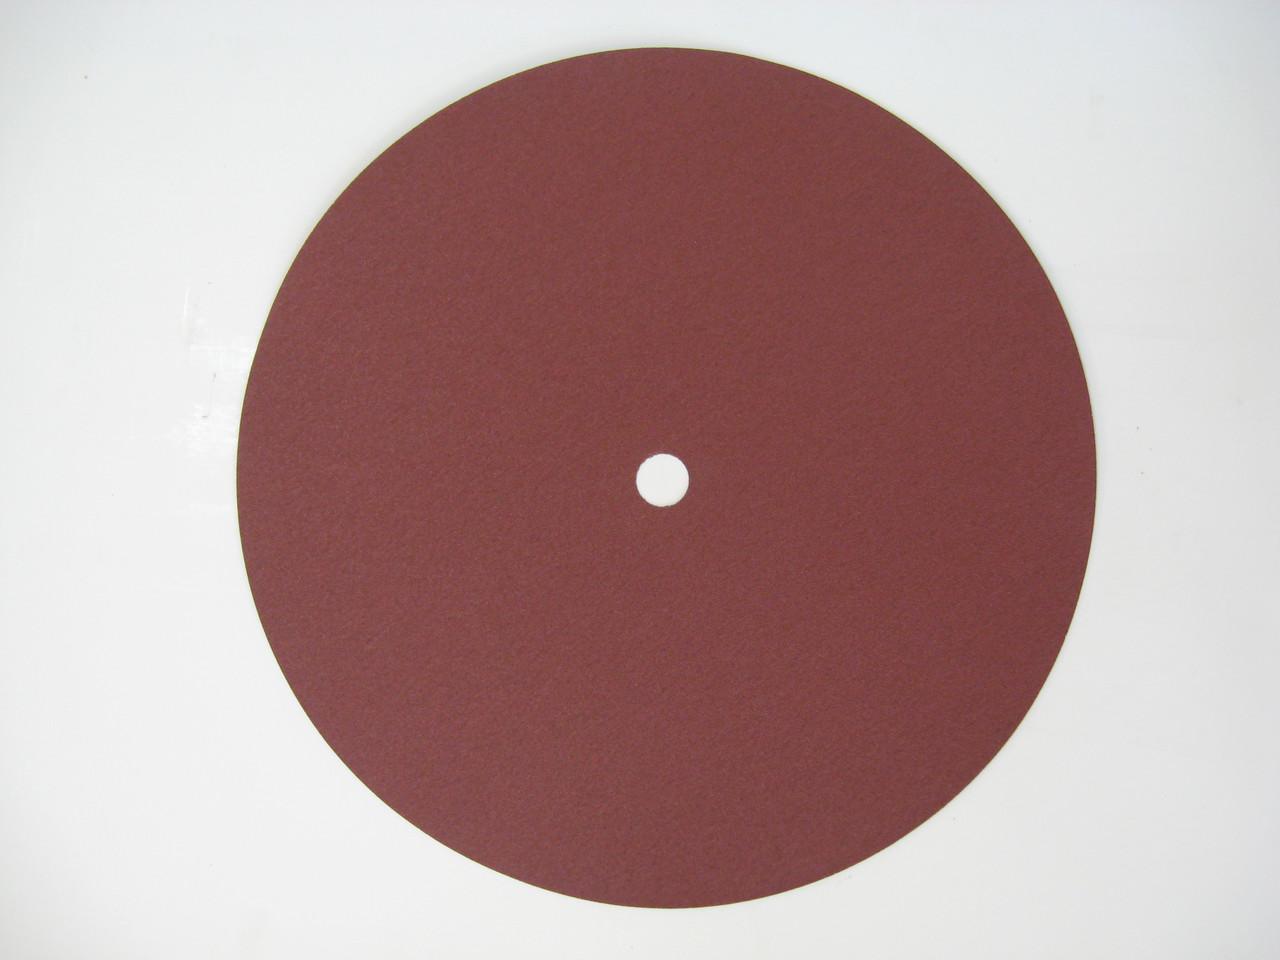 Шлифовальный диск двухсторонний Lagler 410мм P100